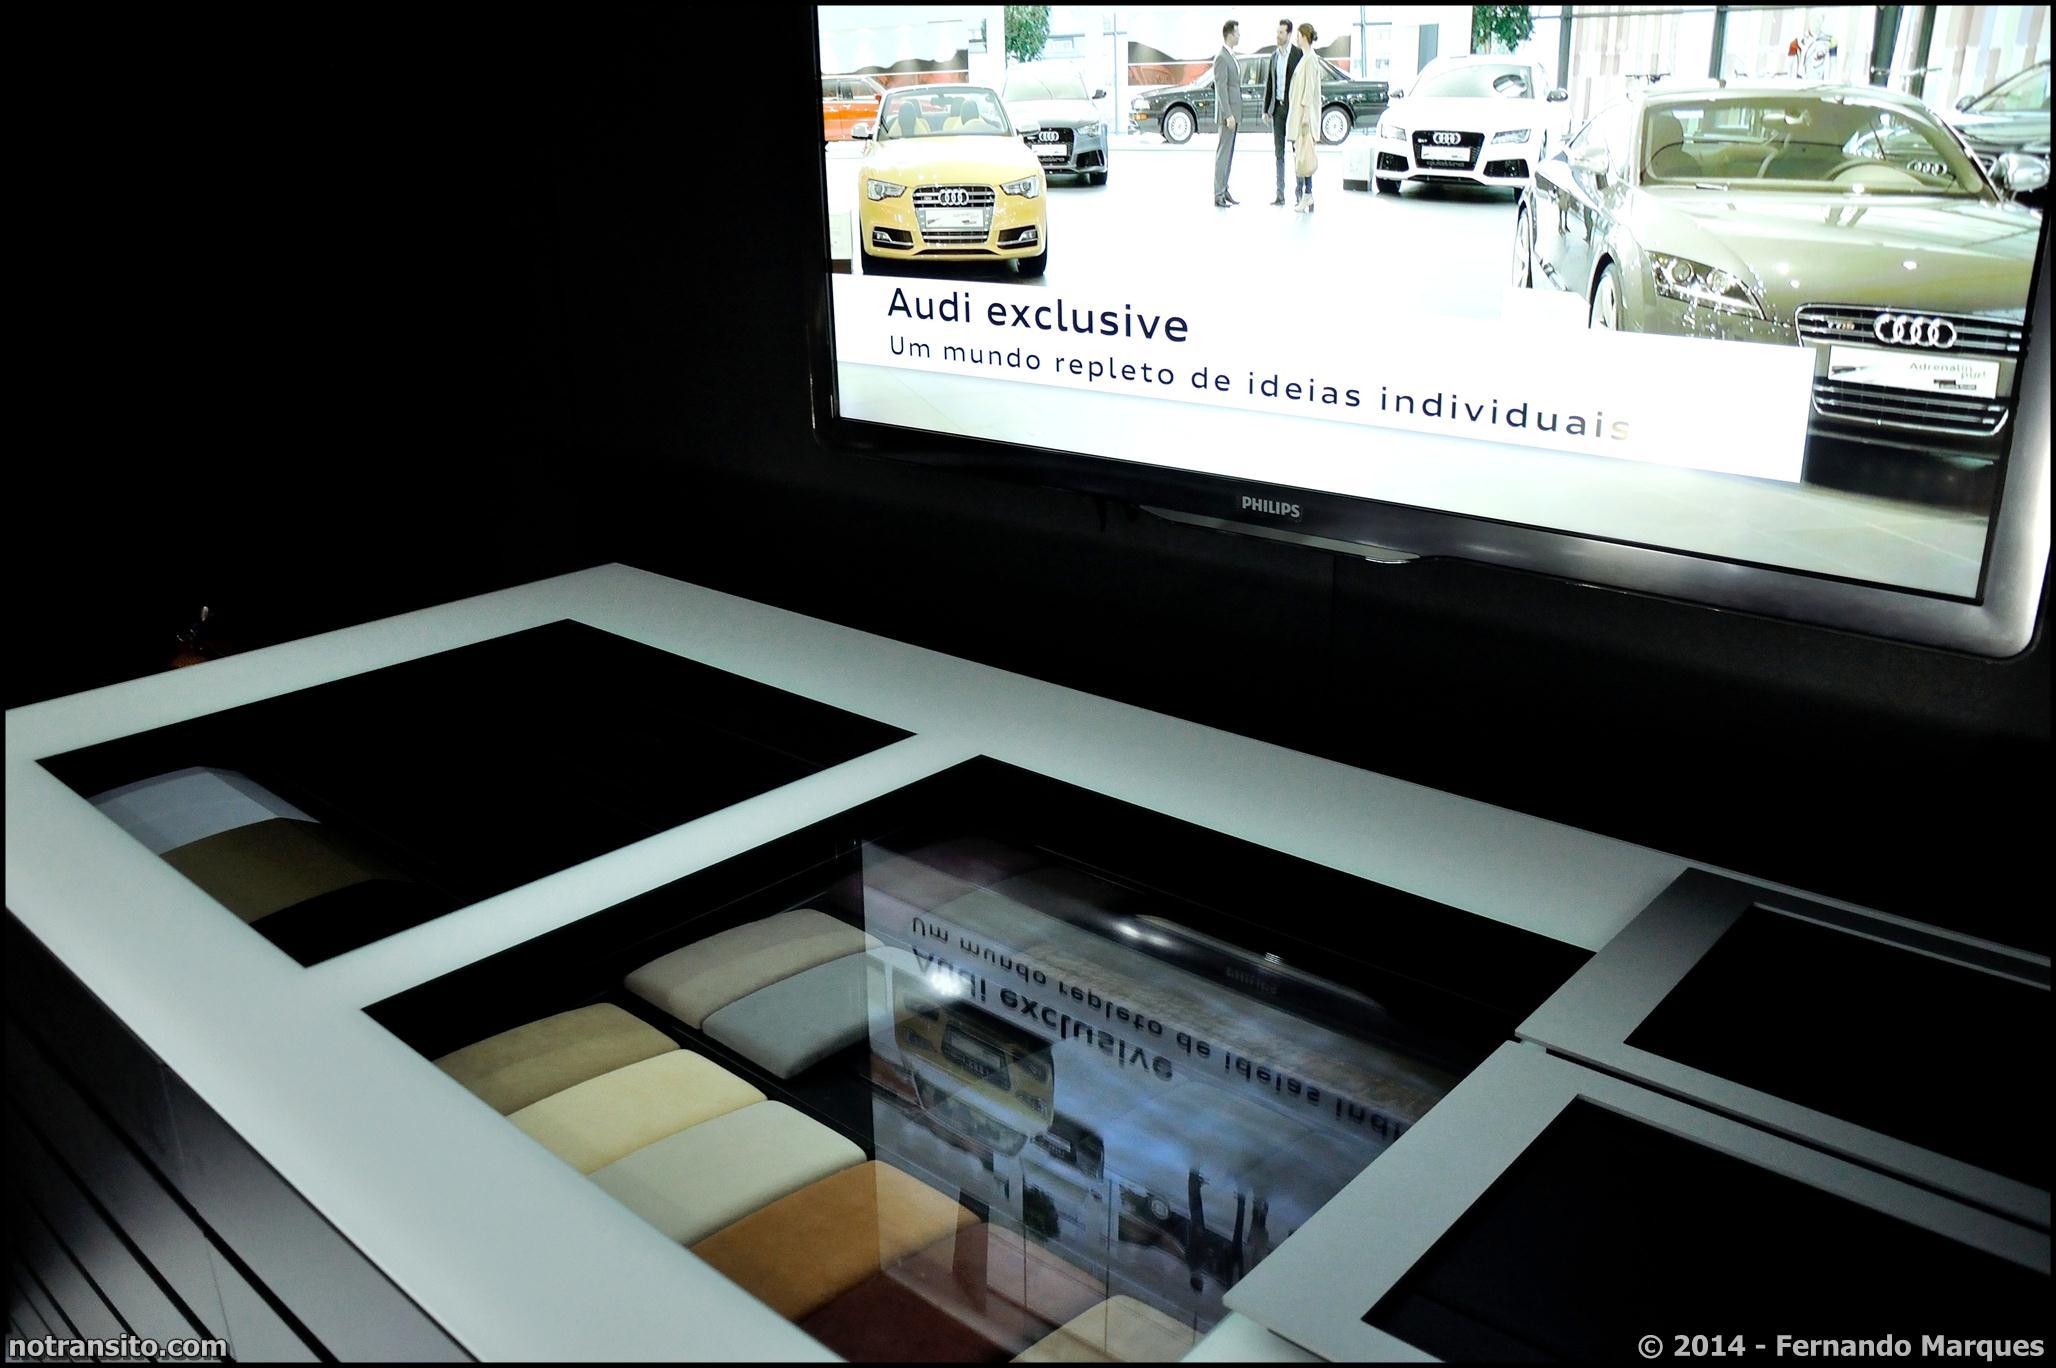 Audi A8 L W12 Exclusive Concept, Salão do Automóvel 2014, Audi Exclusive display